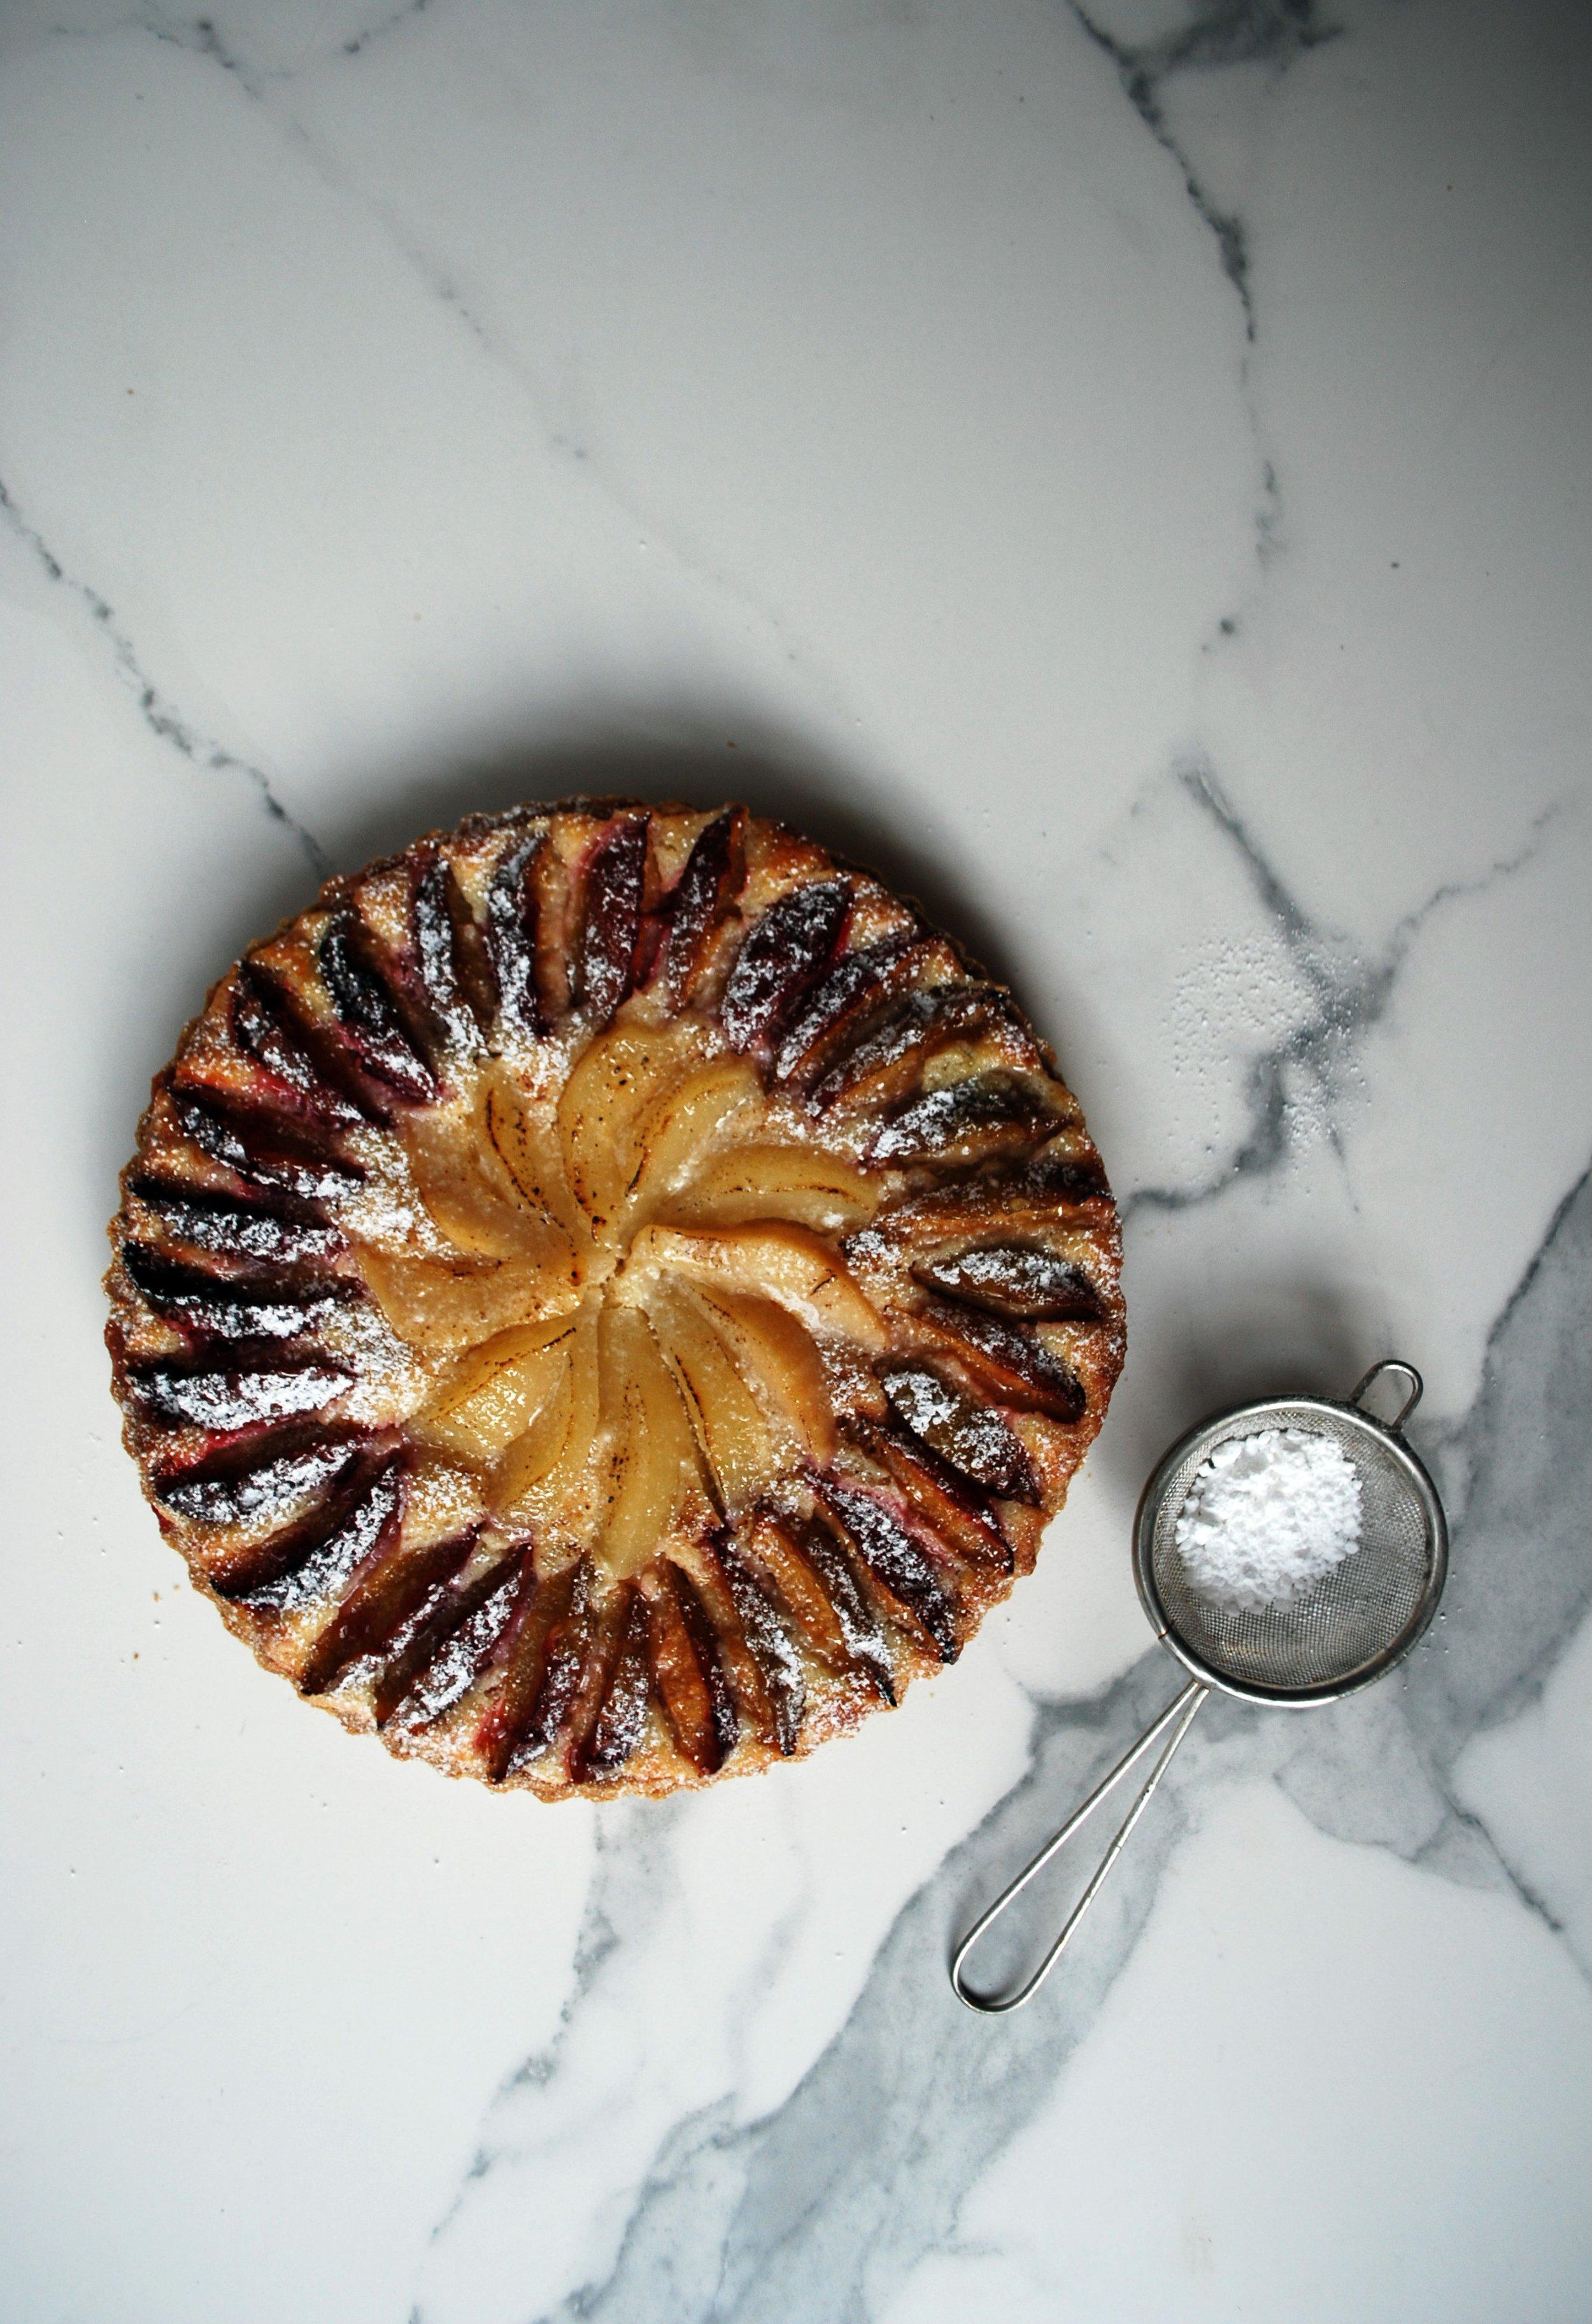 Pear and Plum Frangipane Tart